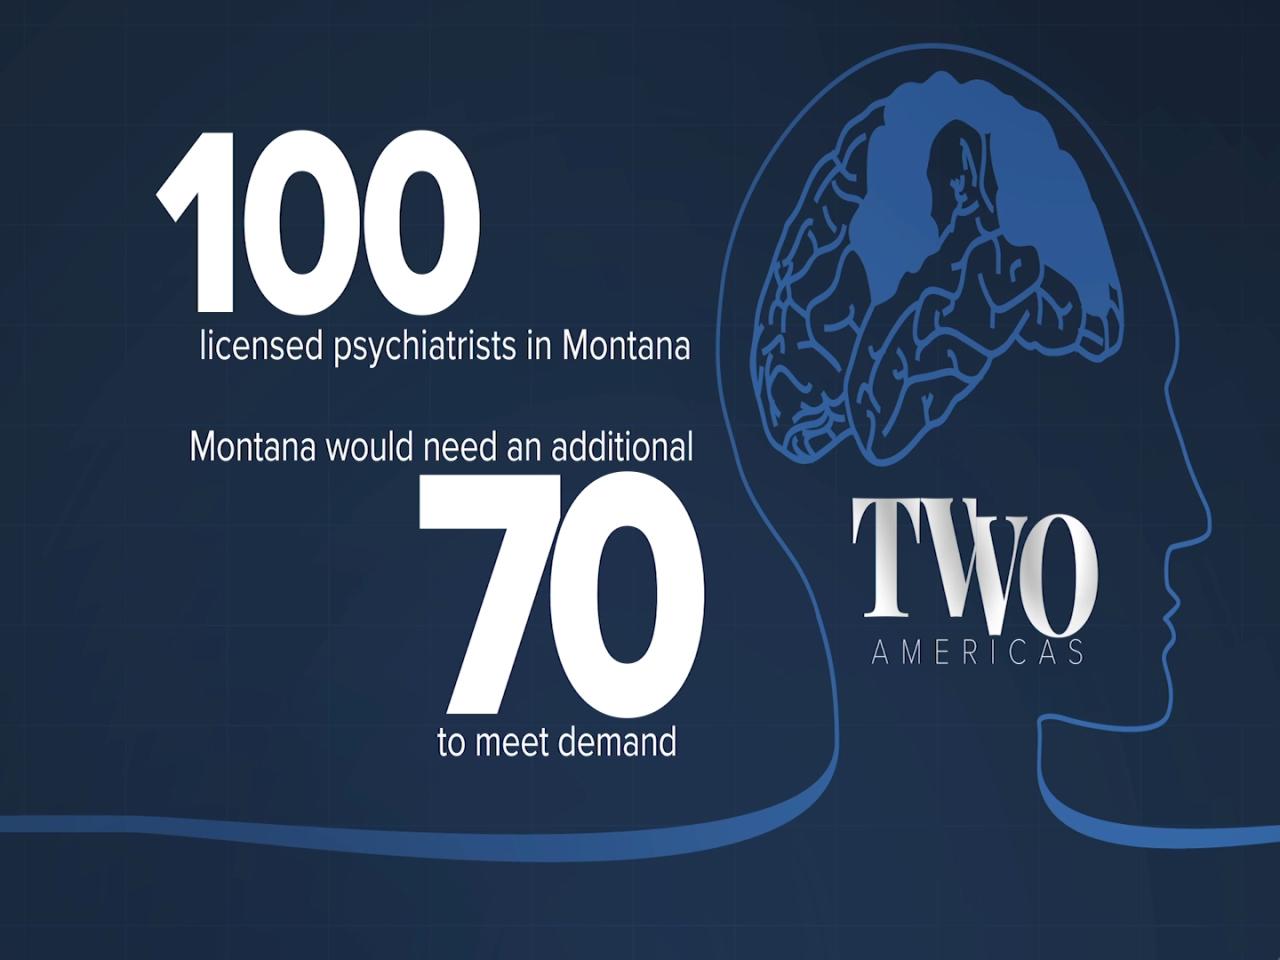 Licensed psychiatrists in Montana